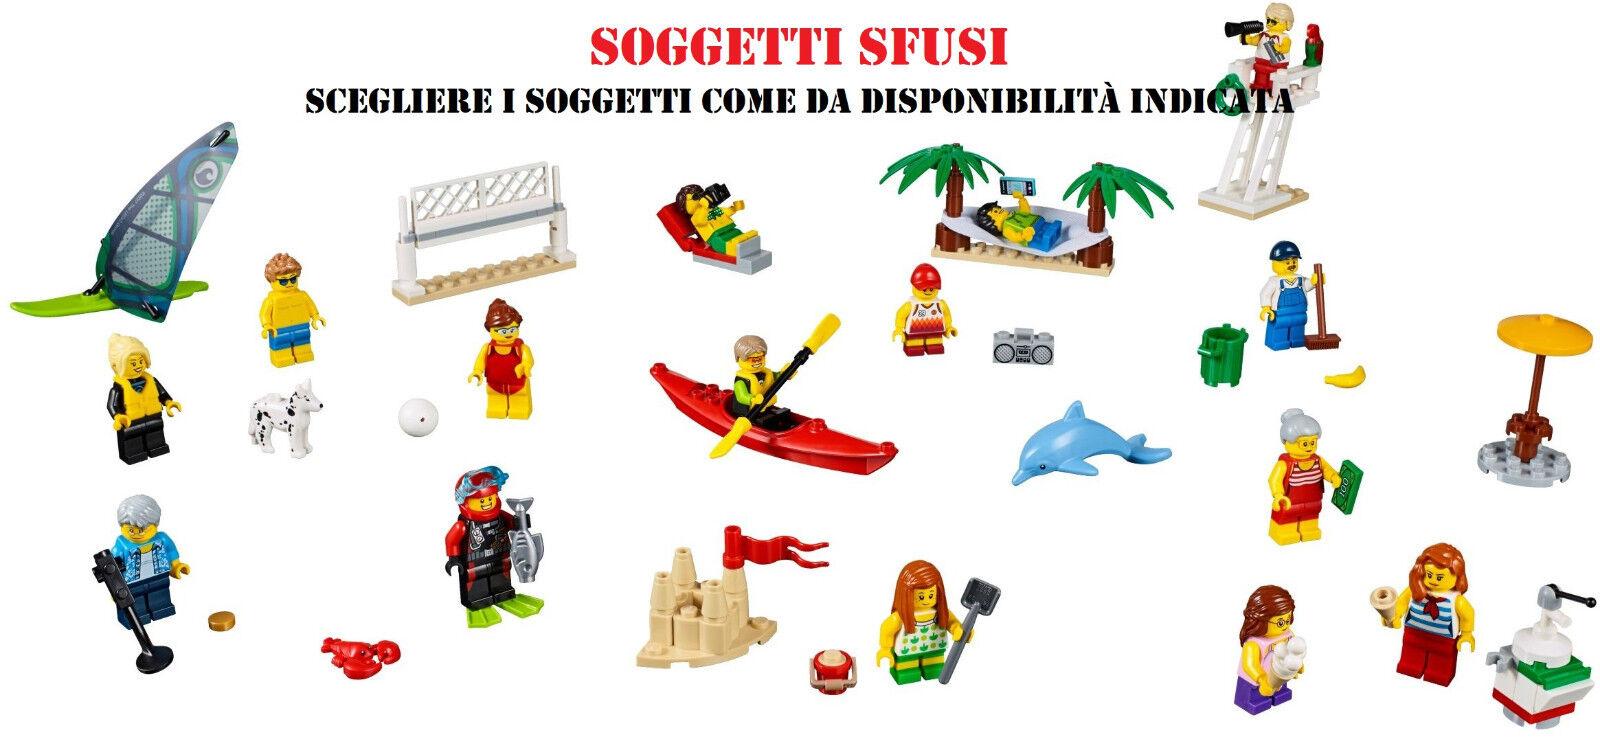 LEGO 60153 CITY DIVERTIMENTO IN SPIAGGIA FUN AT THE BEACH (soggetti nuovi sfusi)